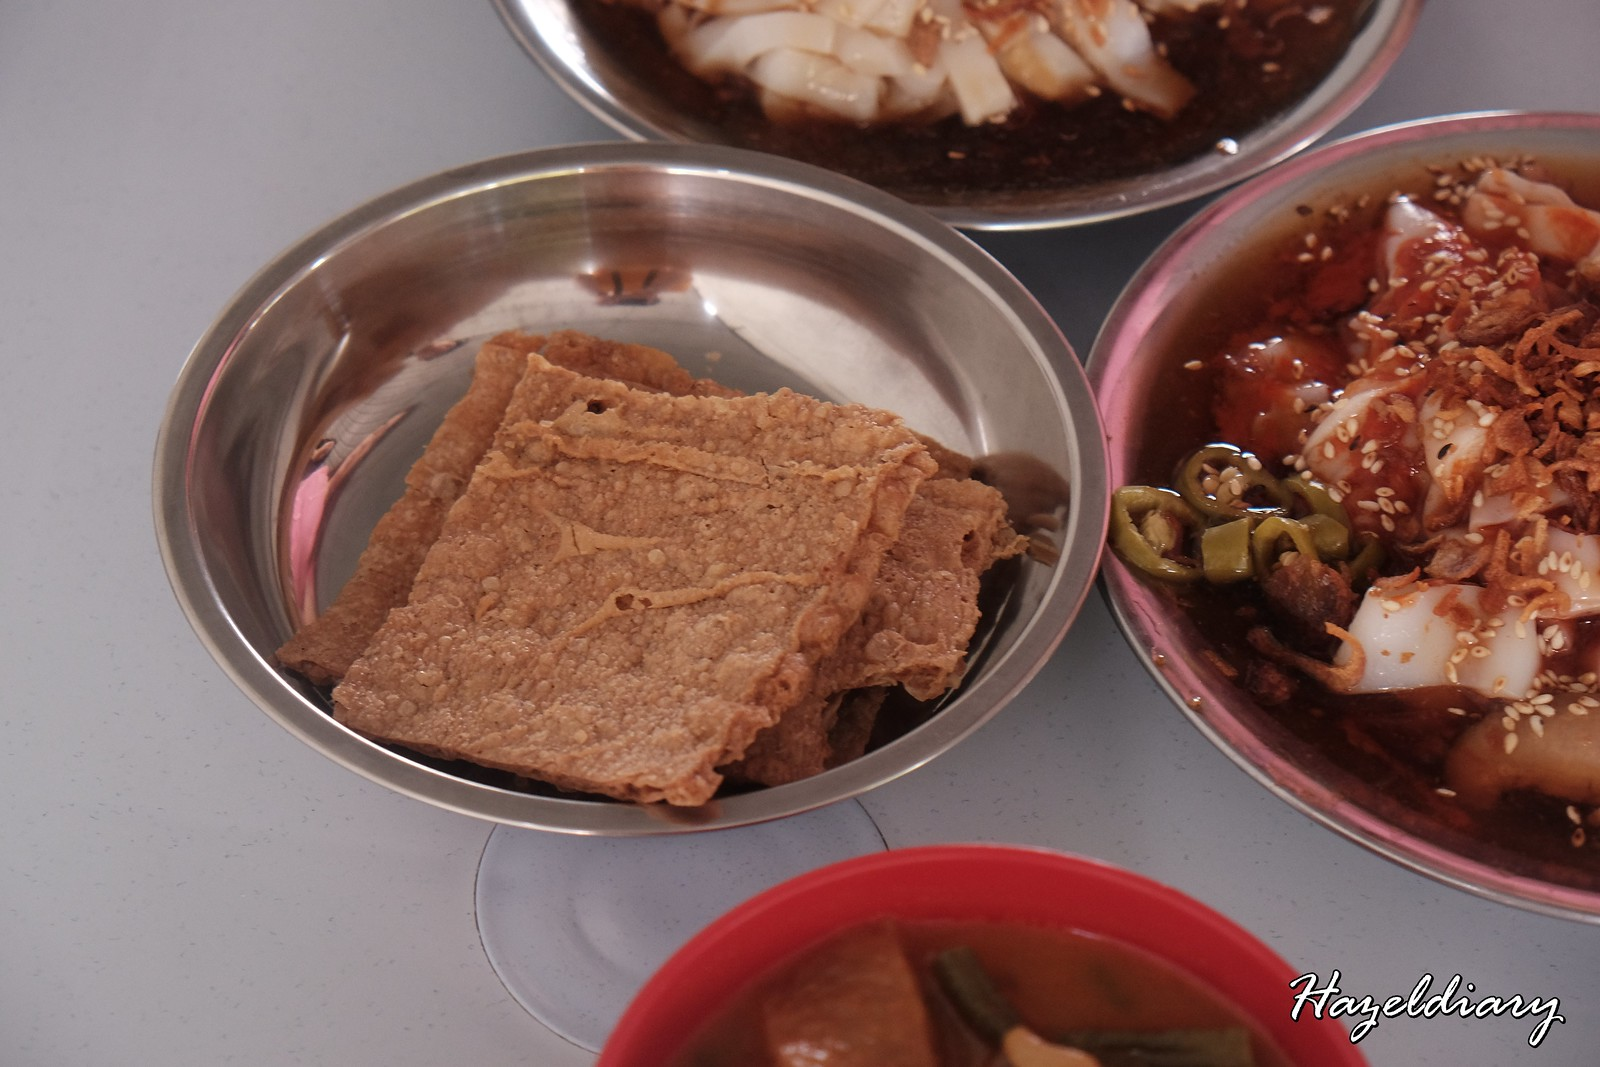 Canning Garden Ipoh-Cheong Fun-2